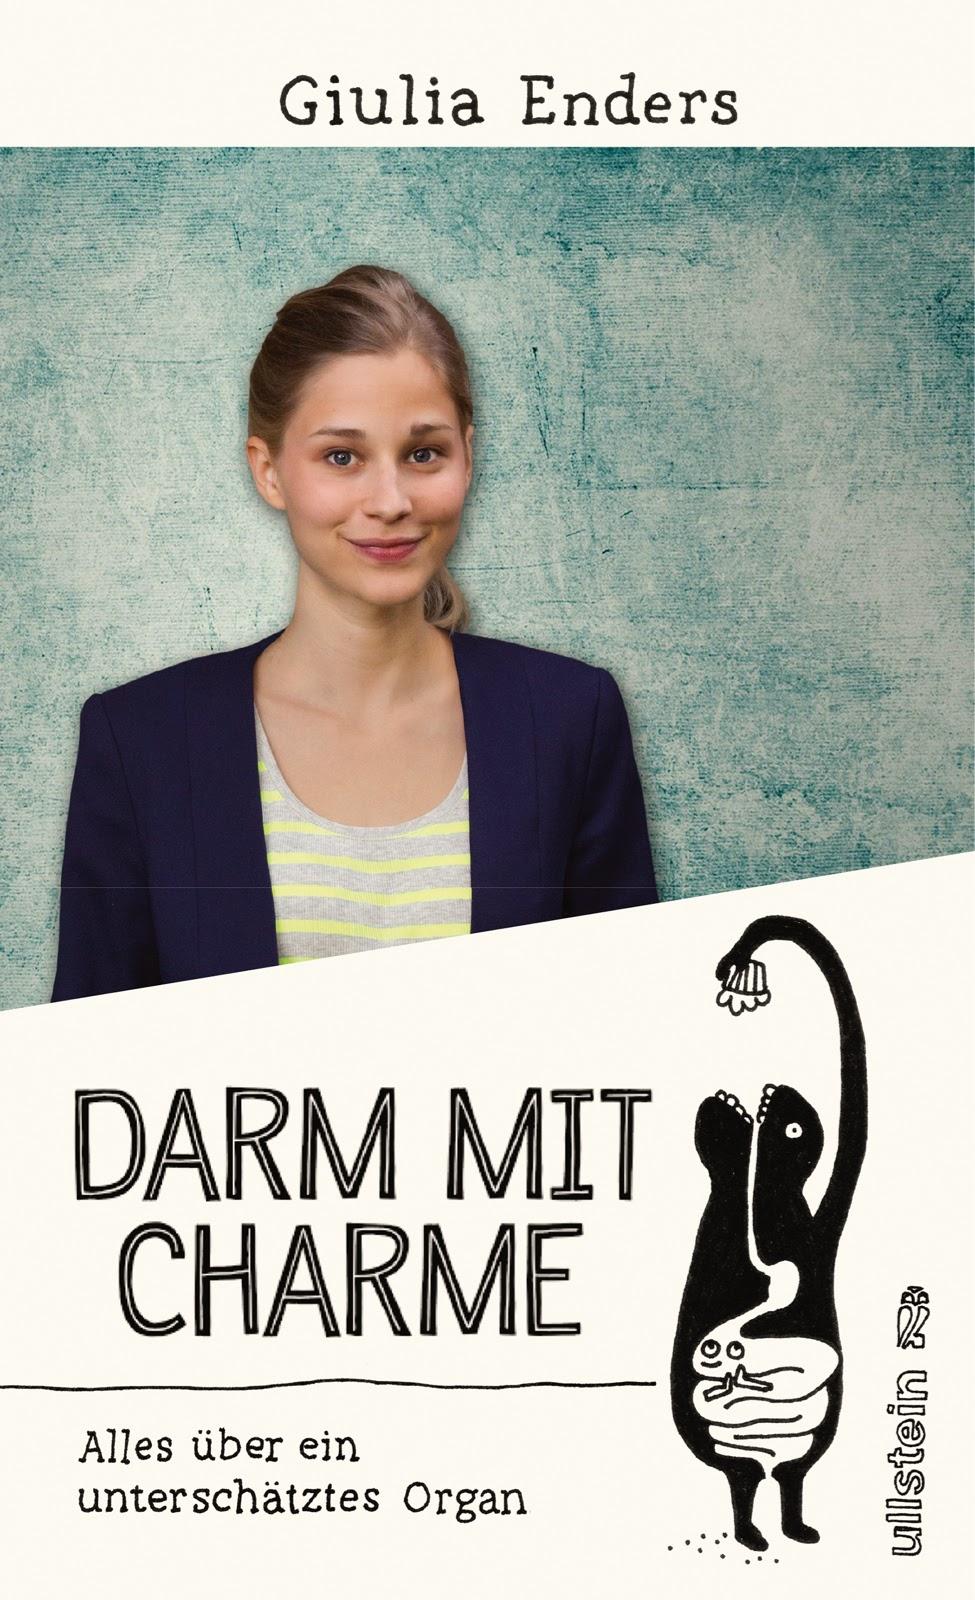 http://www.ullsteinbuchverlage.de/nc/buch/details/darm-mit-charme-9783550080418.html